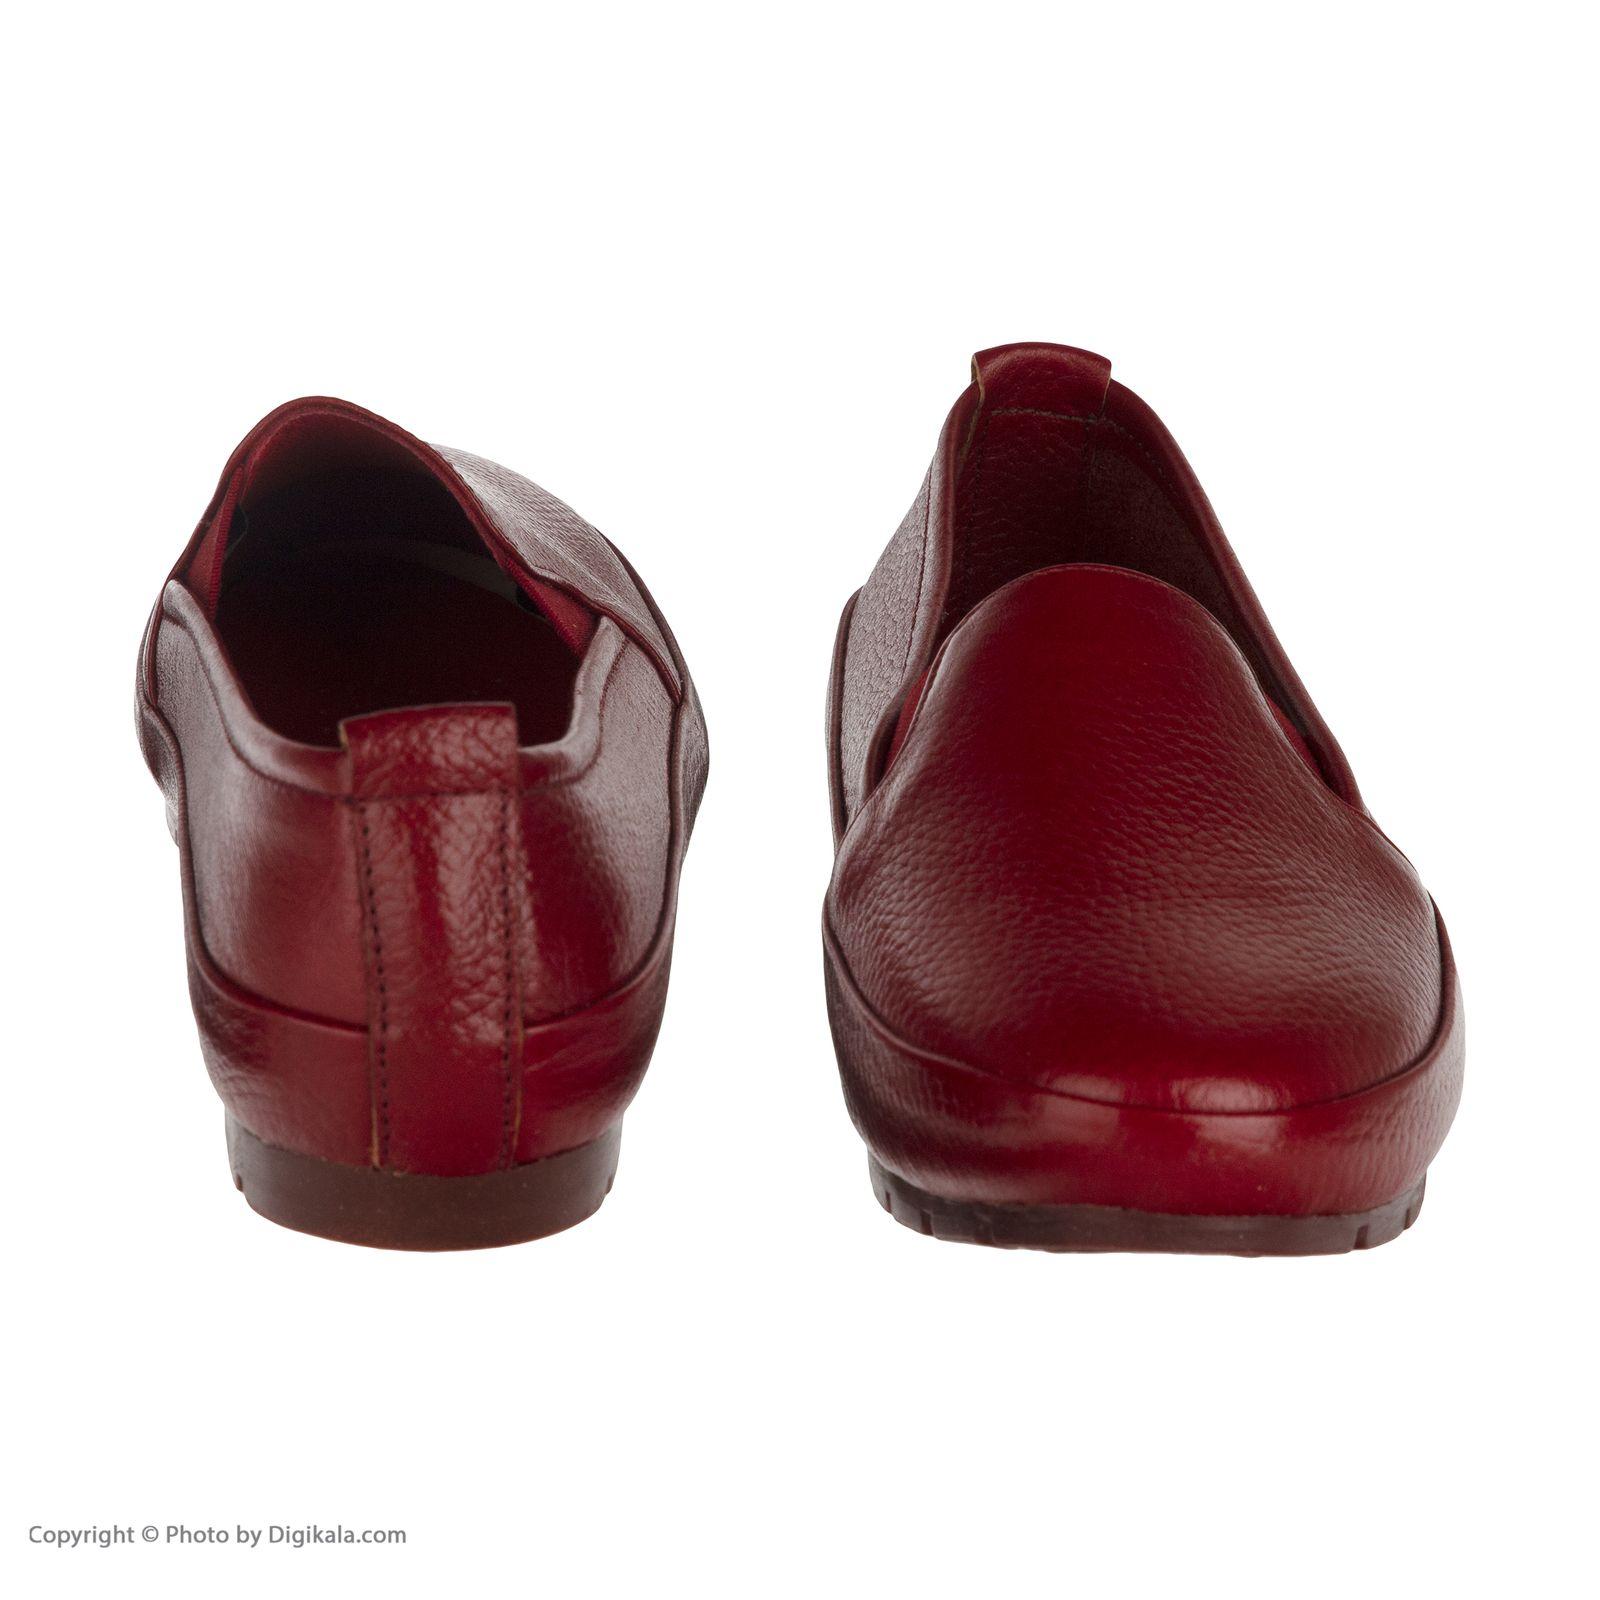 کفش روزمره زنانه بلوط مدل 5313A500102 -  - 5